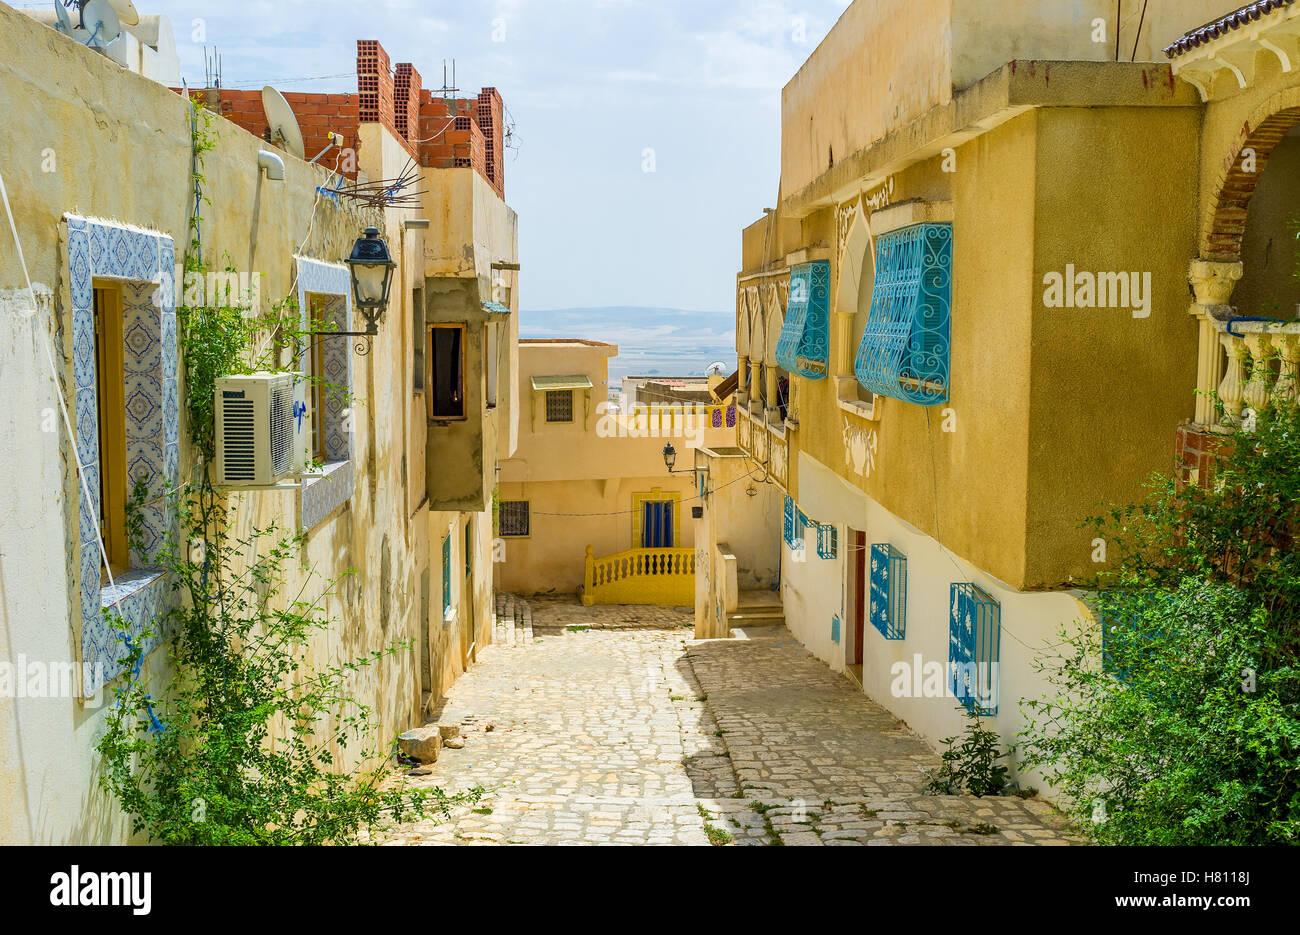 El casco antiguo de la ciudad de El Kef situado en la colina grande, por lo que sus calles son principalmente las Imagen De Stock